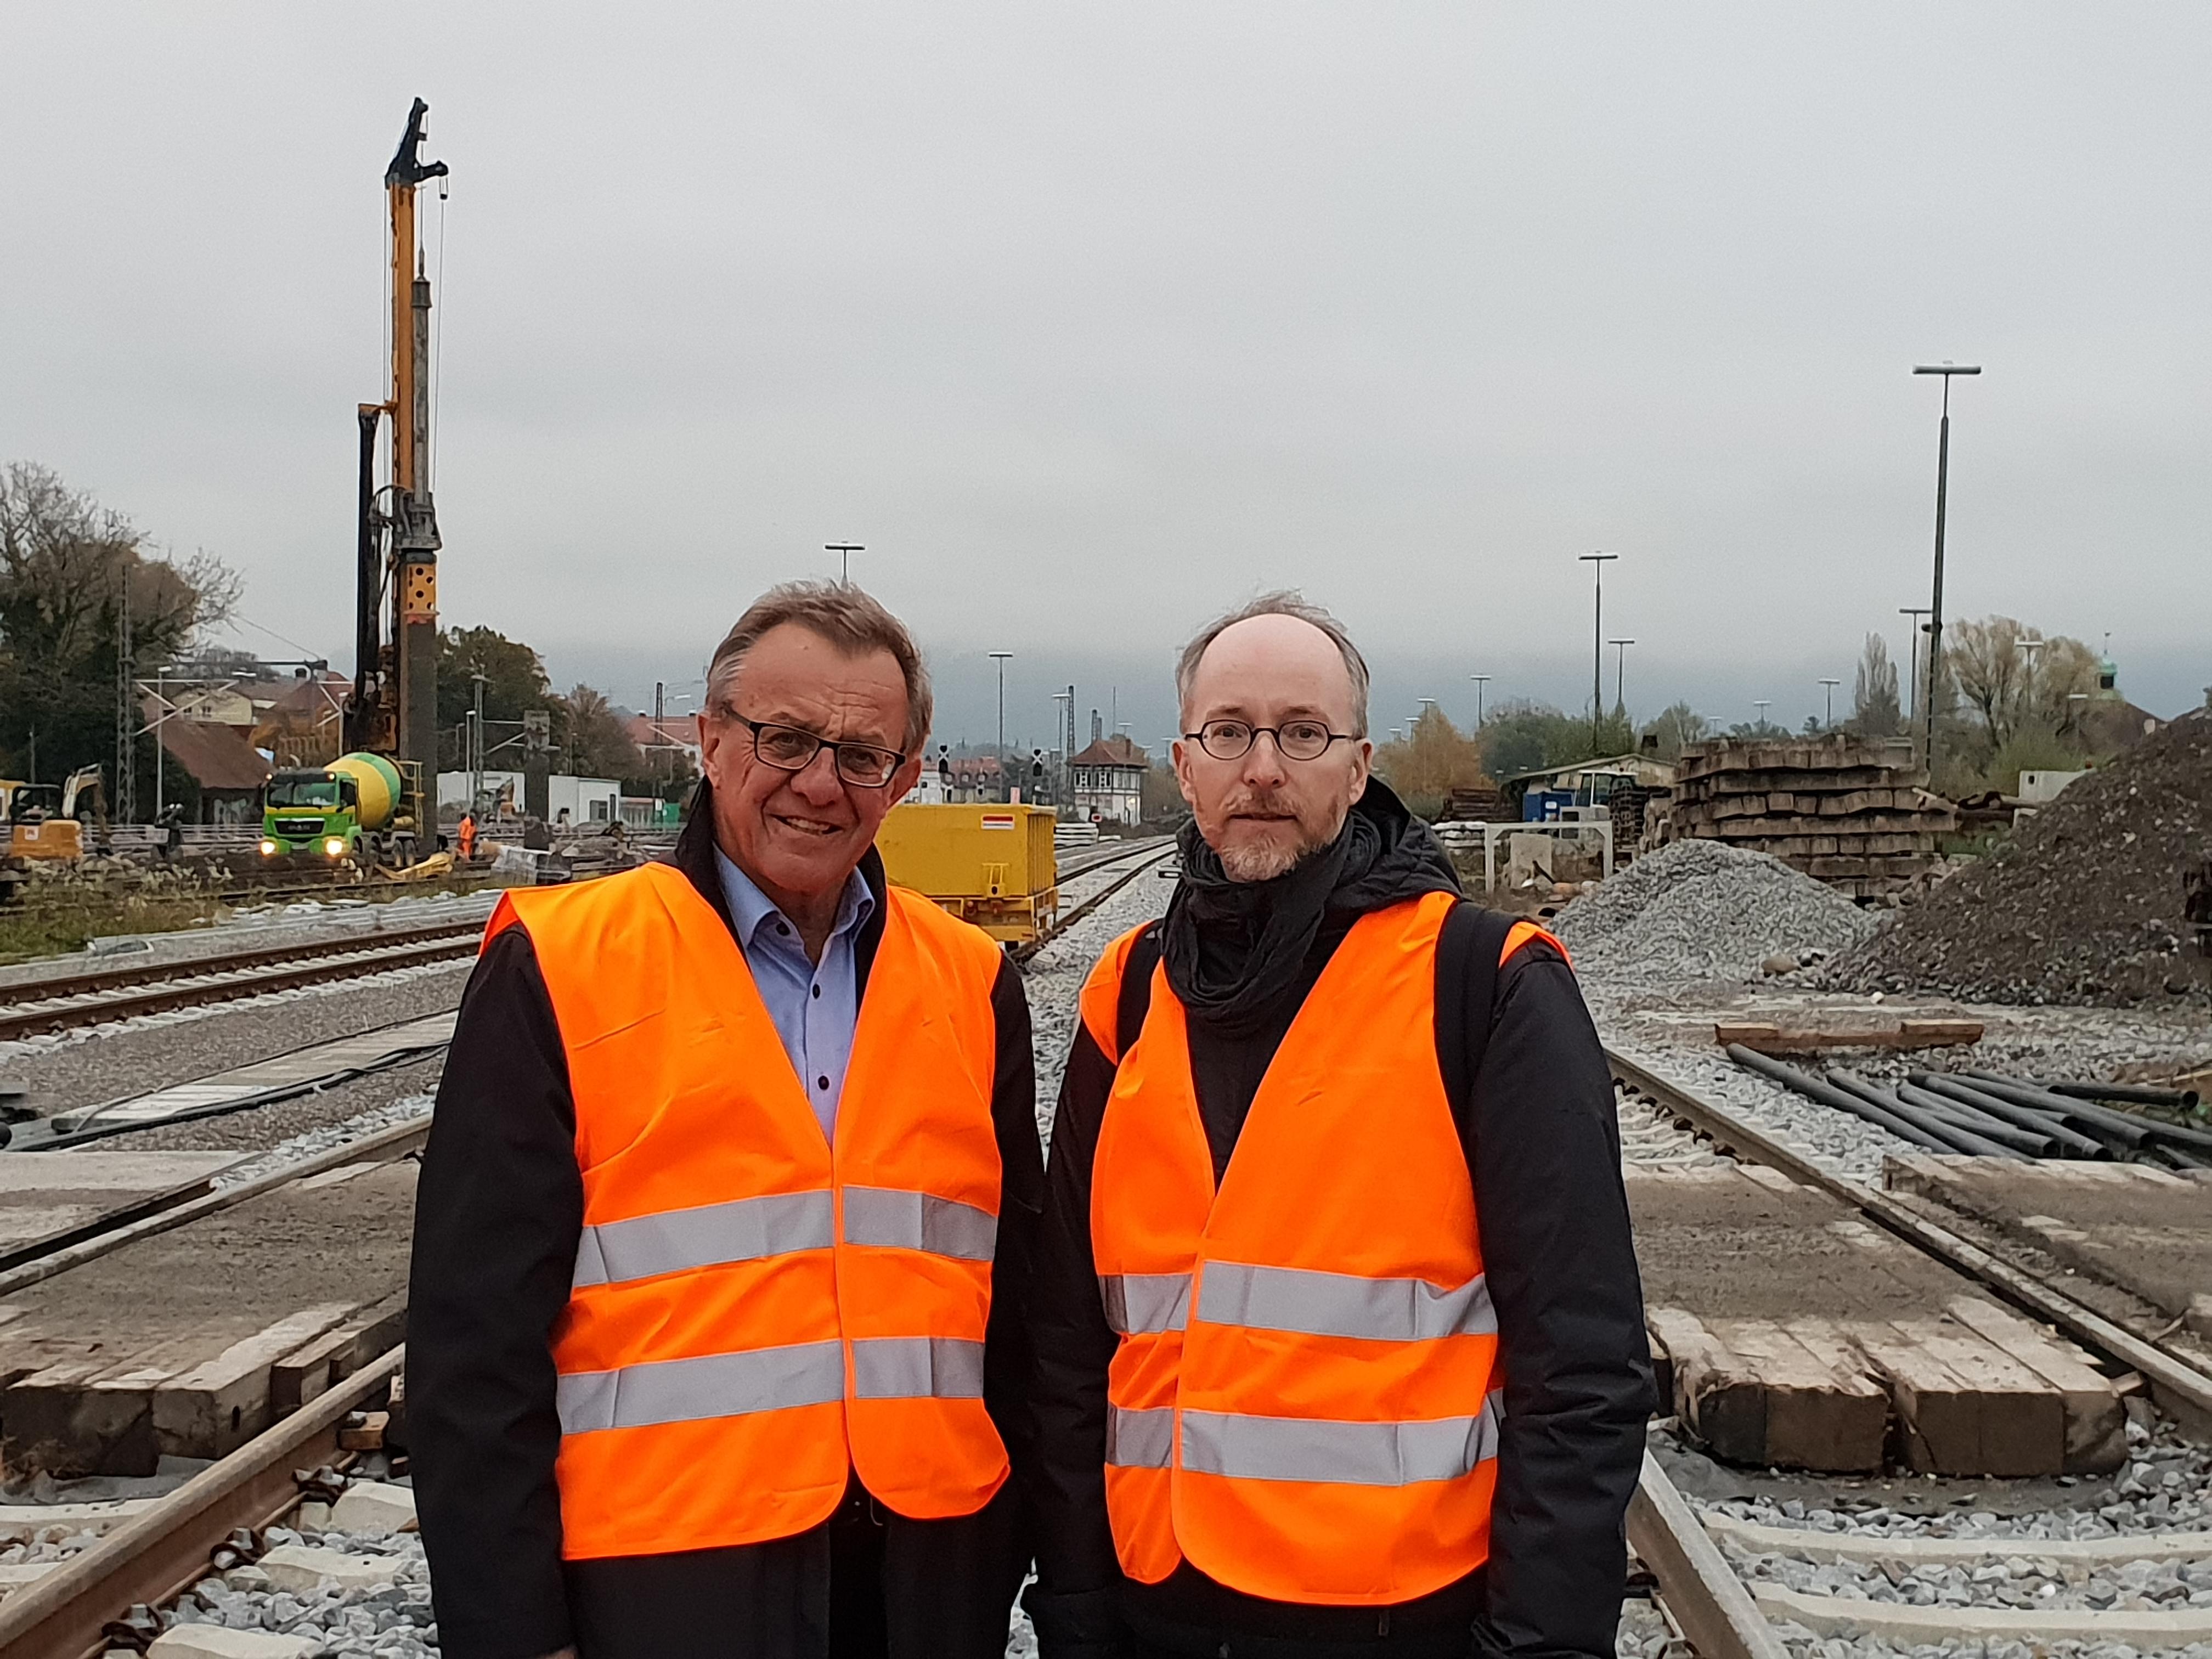 Mit Thomas Gehring MdL auf der Baustelle für den neuen Bahnhof in Lindau-Reutin